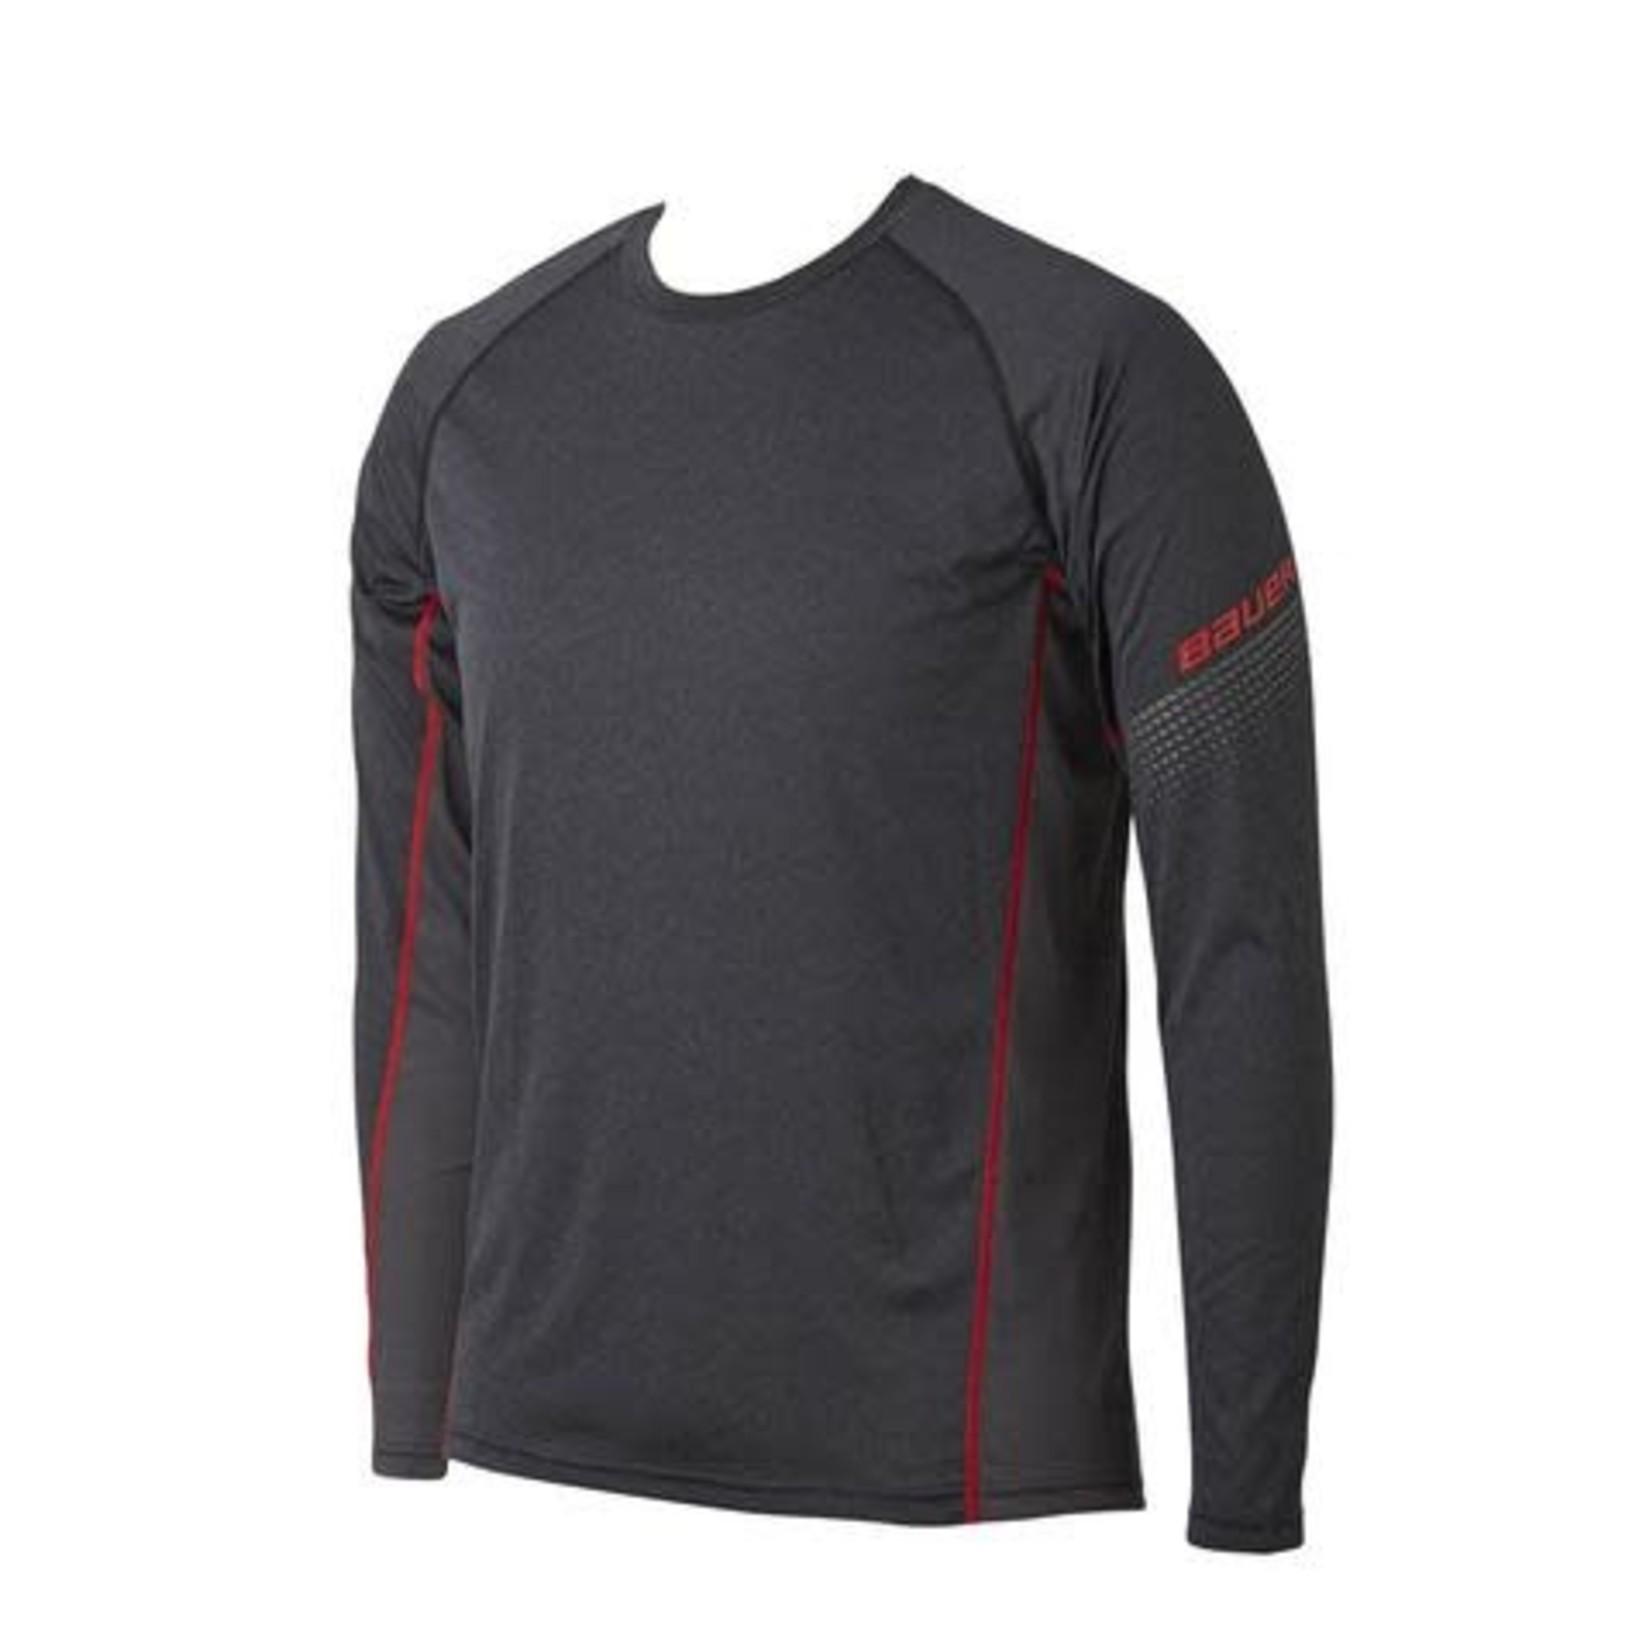 Bauer Bauer Long Sleeve Shirt, Essential Baselayer Top, Senior